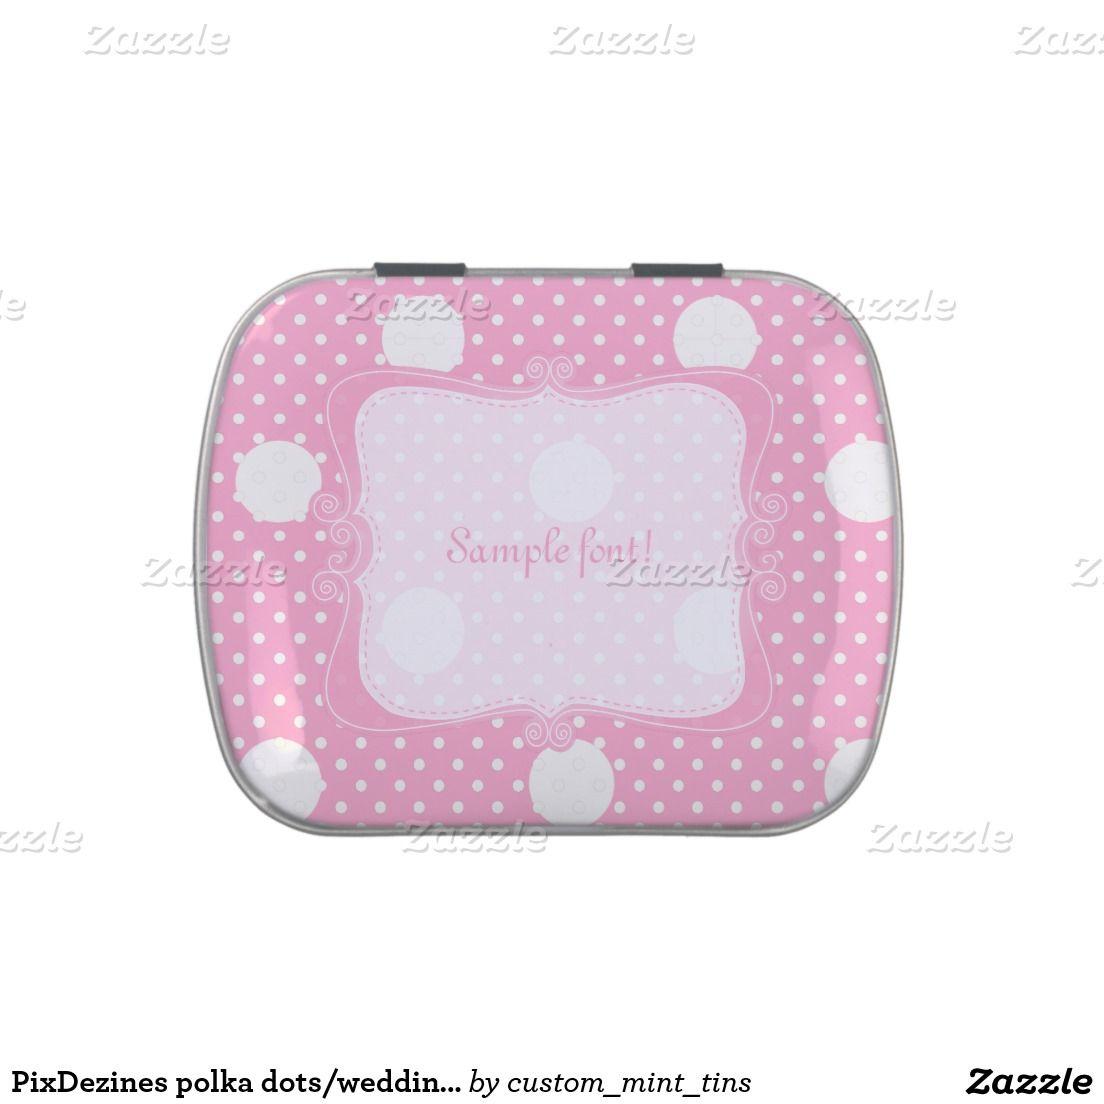 PixDezines polka dots/wedding favors mint Jelly Belly Candy Tin ...